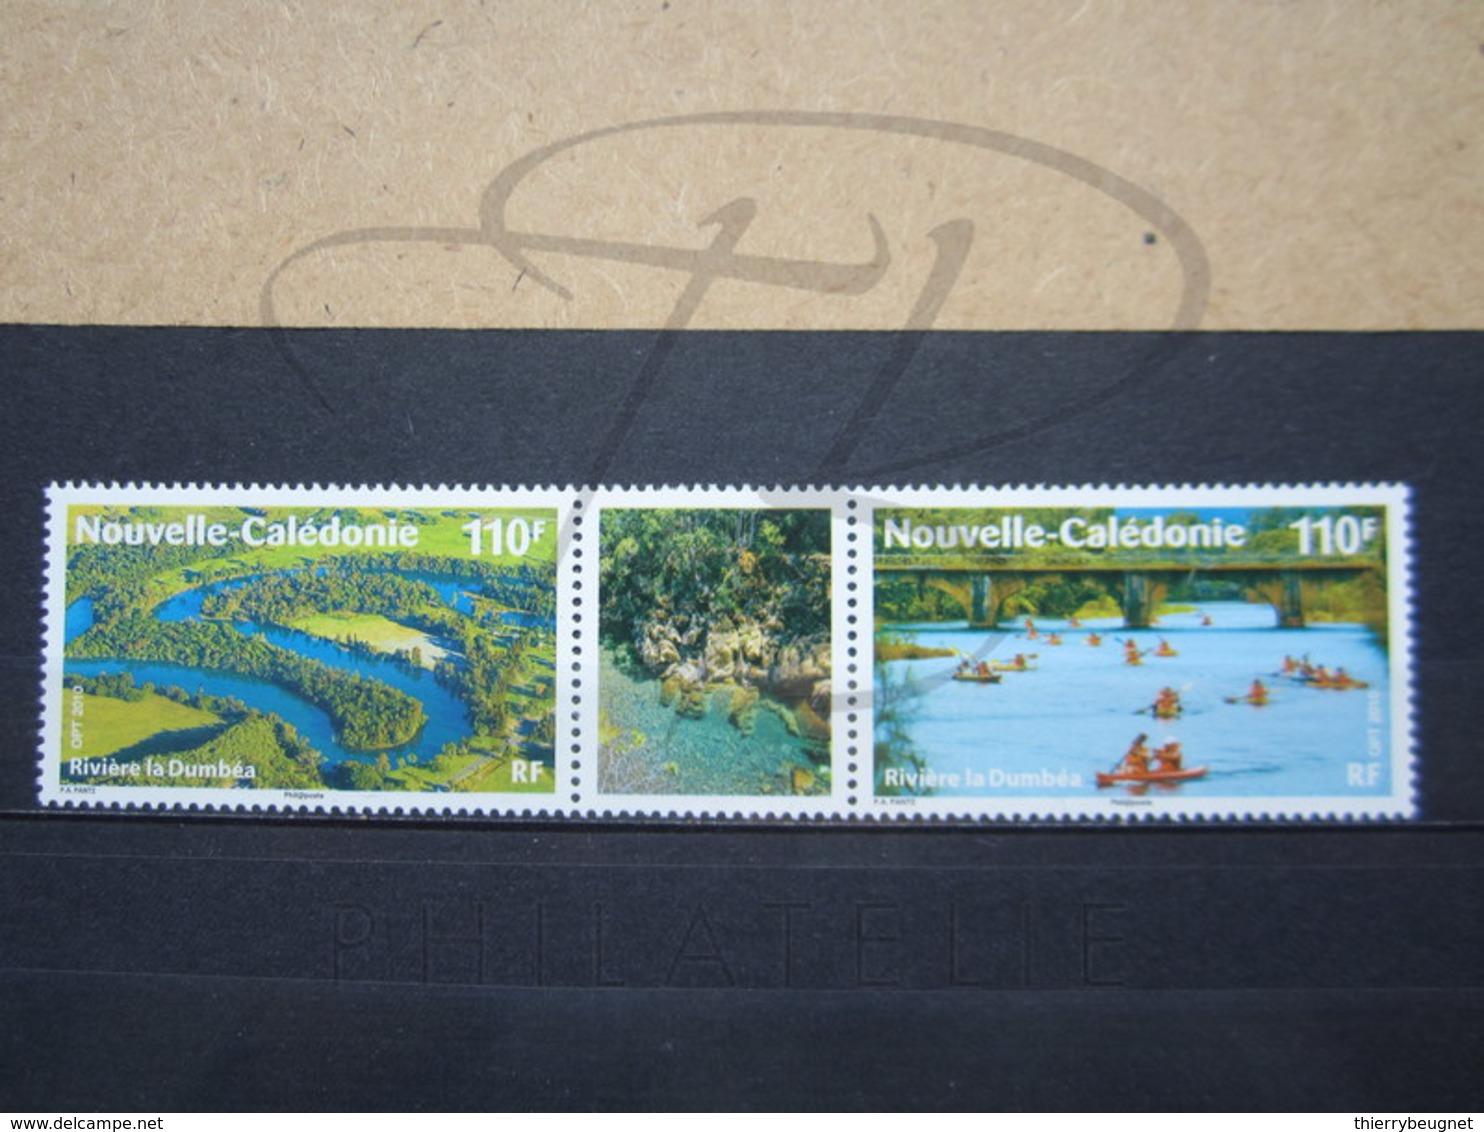 VEND BEAUX TIMBRES DE NOUVELLE-CALEDONIE N° 1094 + 1095 , XX !!! (b) - Nueva Caledonia